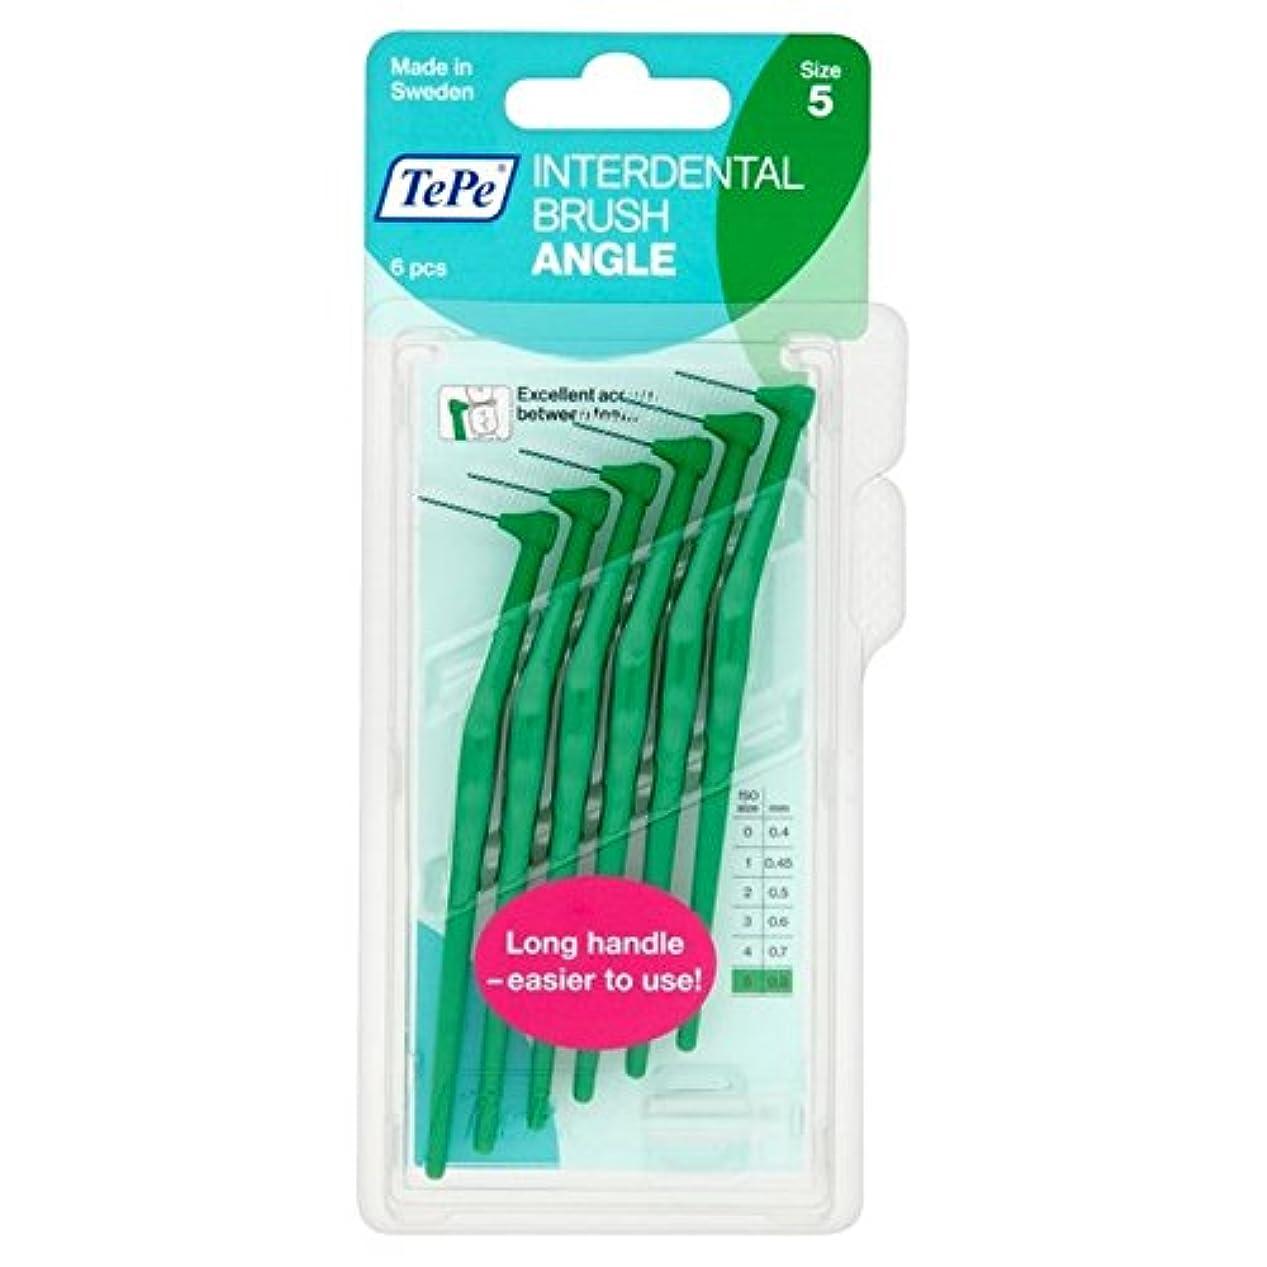 めまい重要な出身地パックあたり6 0.8ミリメートル緑テペ角度 x2 - TePe Angle Green 0.8mm 6 per pack (Pack of 2) [並行輸入品]